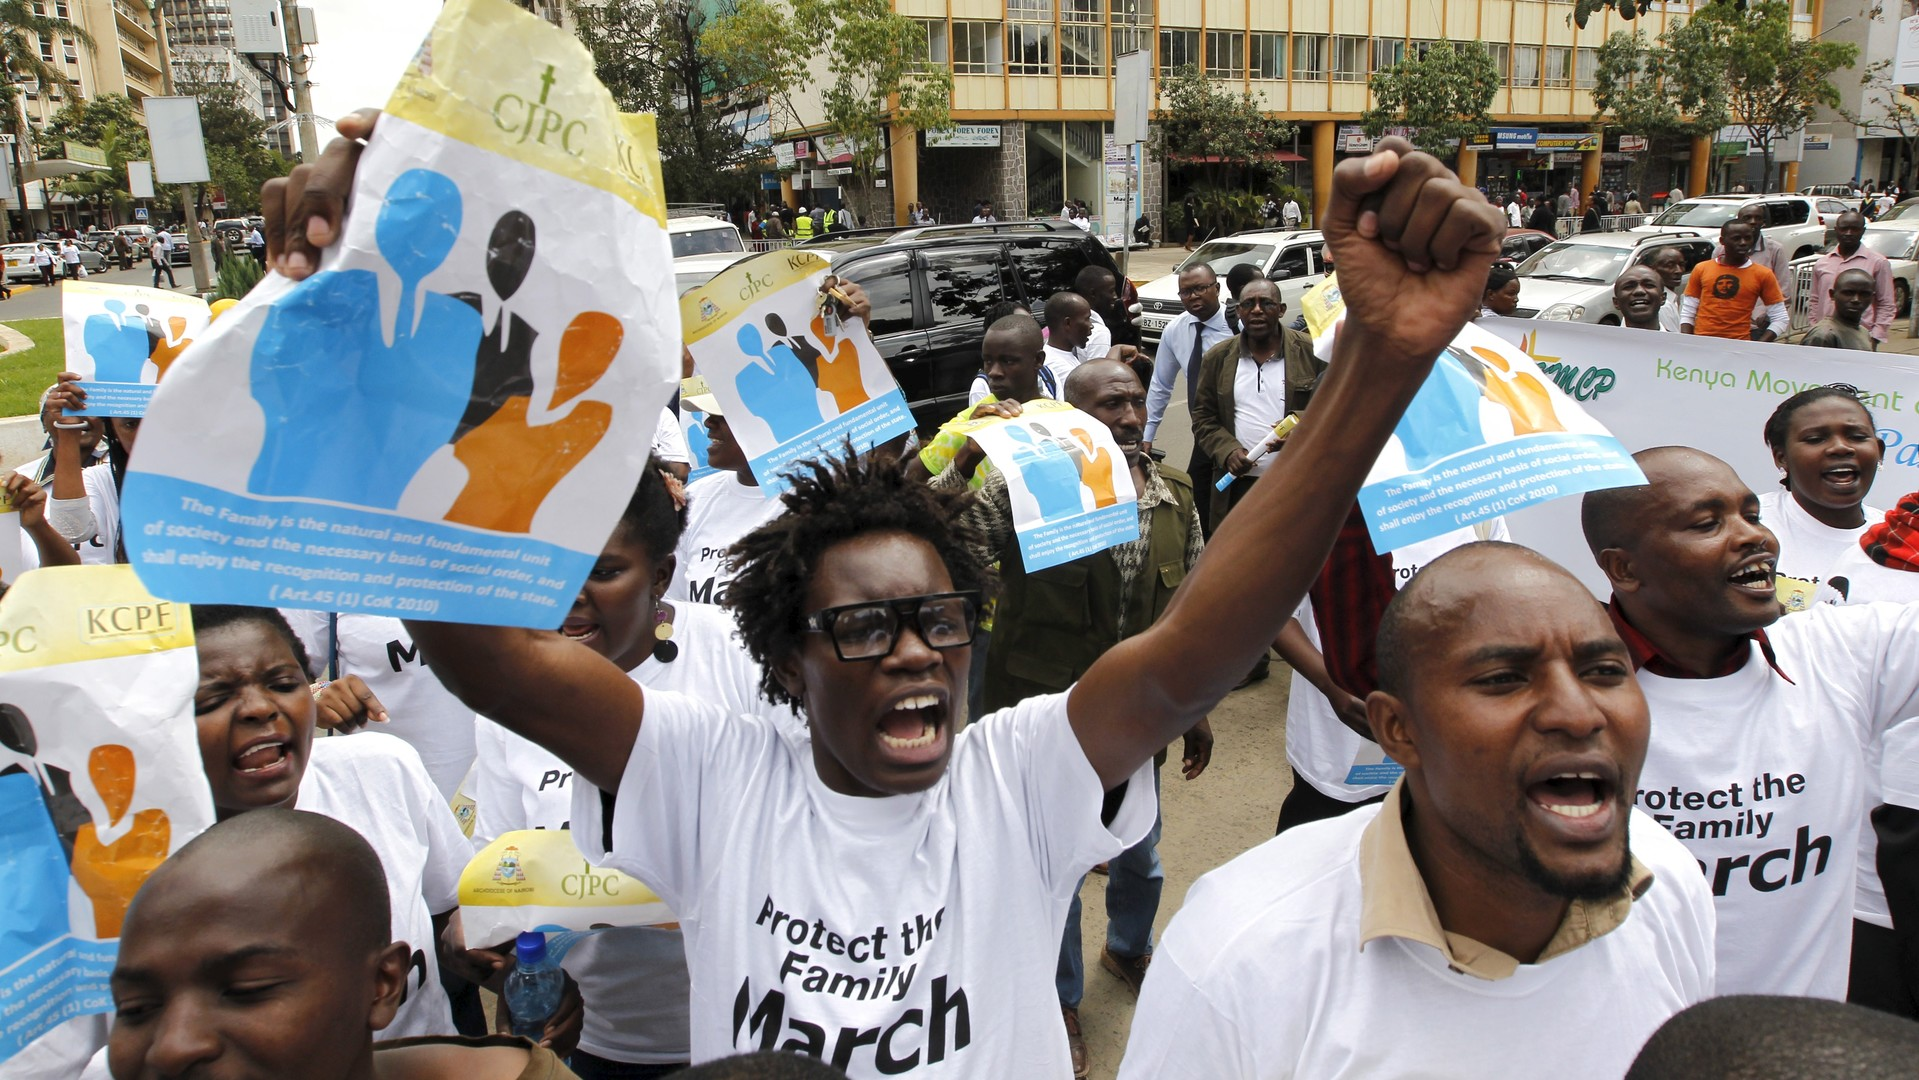 Les intérêts américains en Afrique : quatre choses à savoir